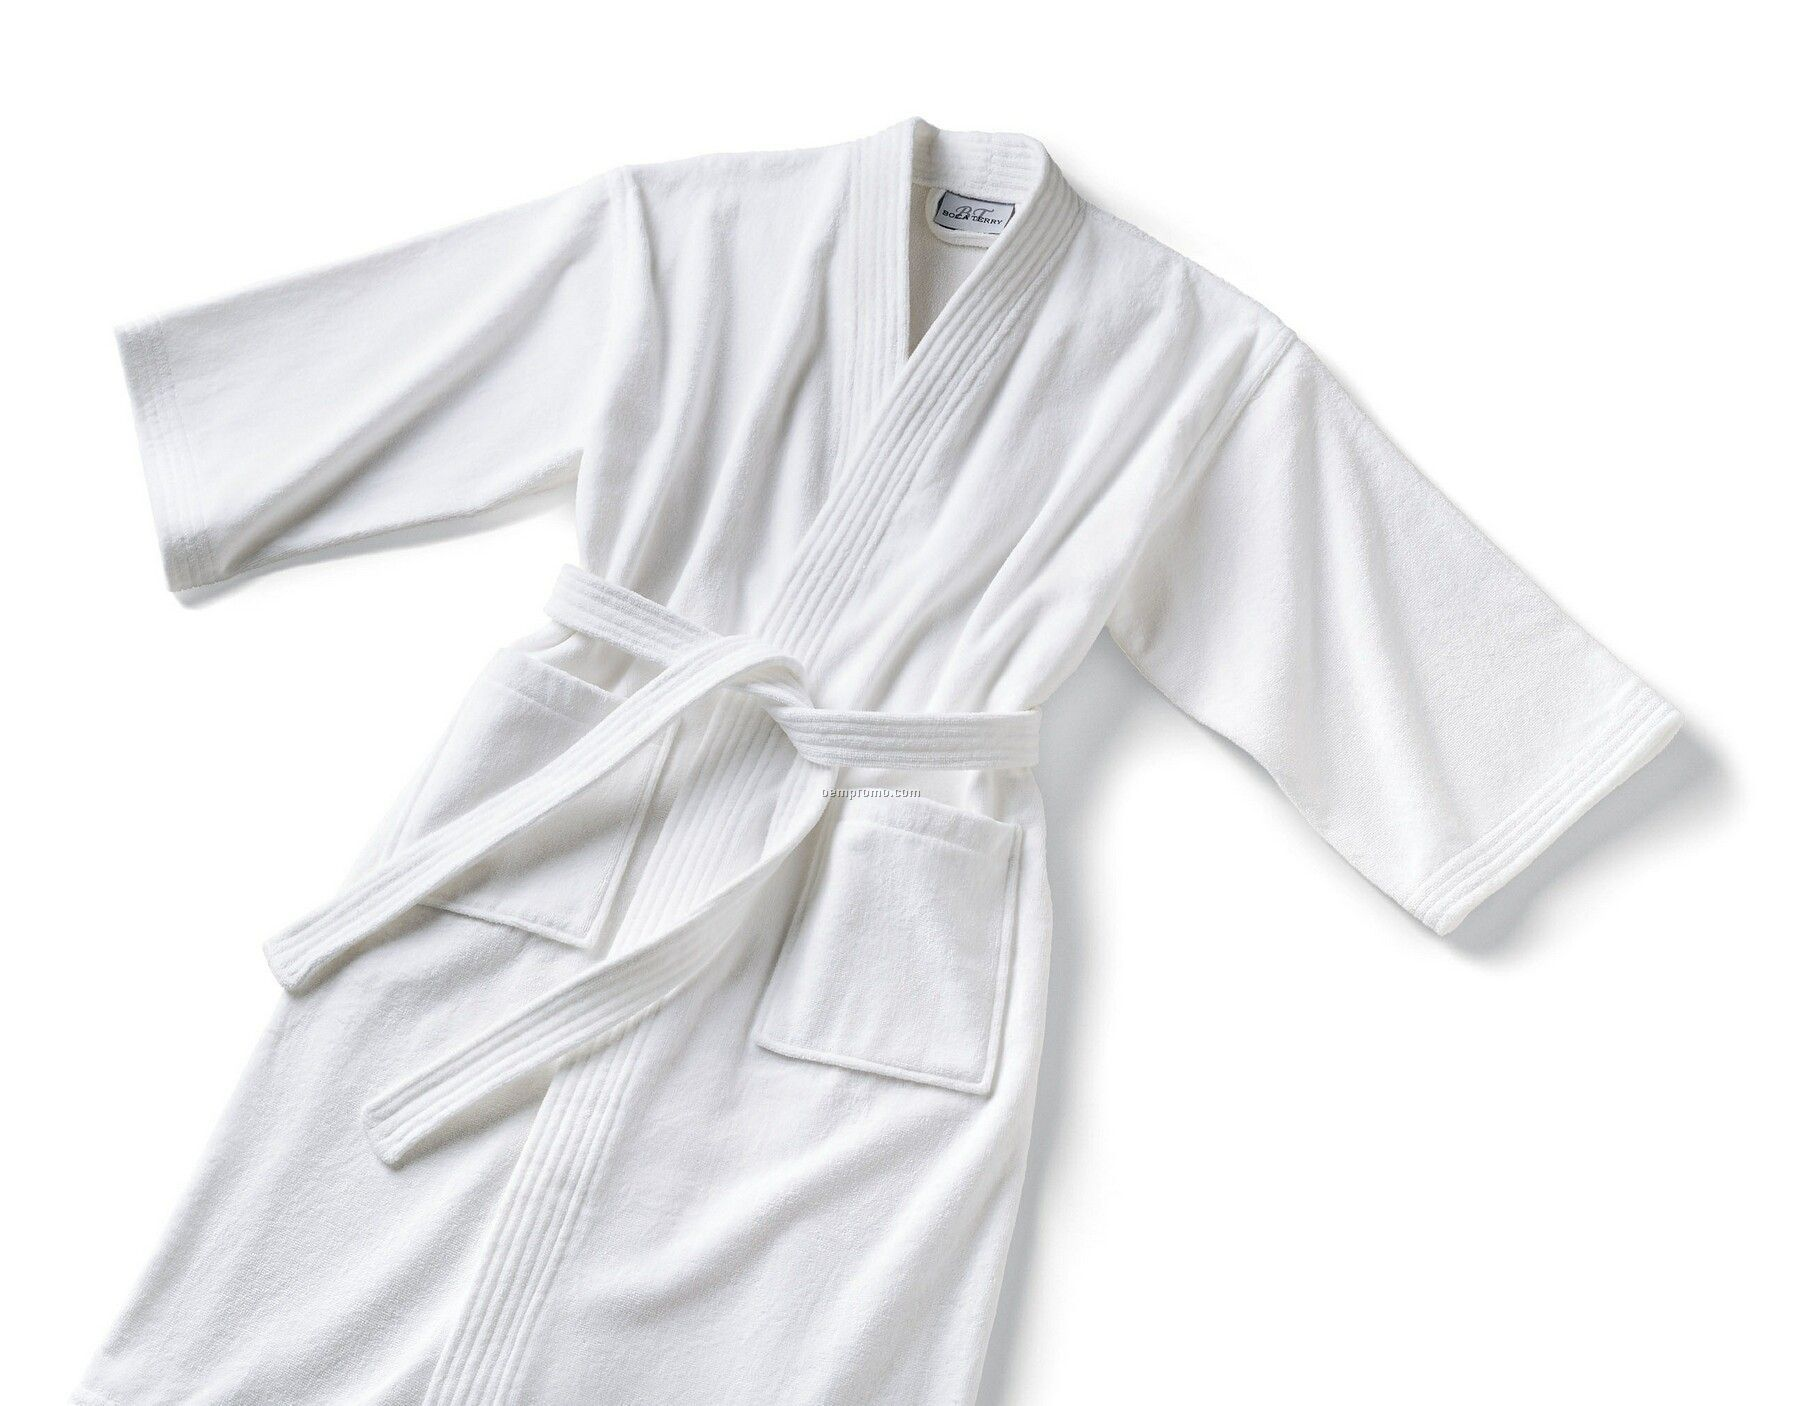 Basic Kimono Robe - 16 Oz. Velour